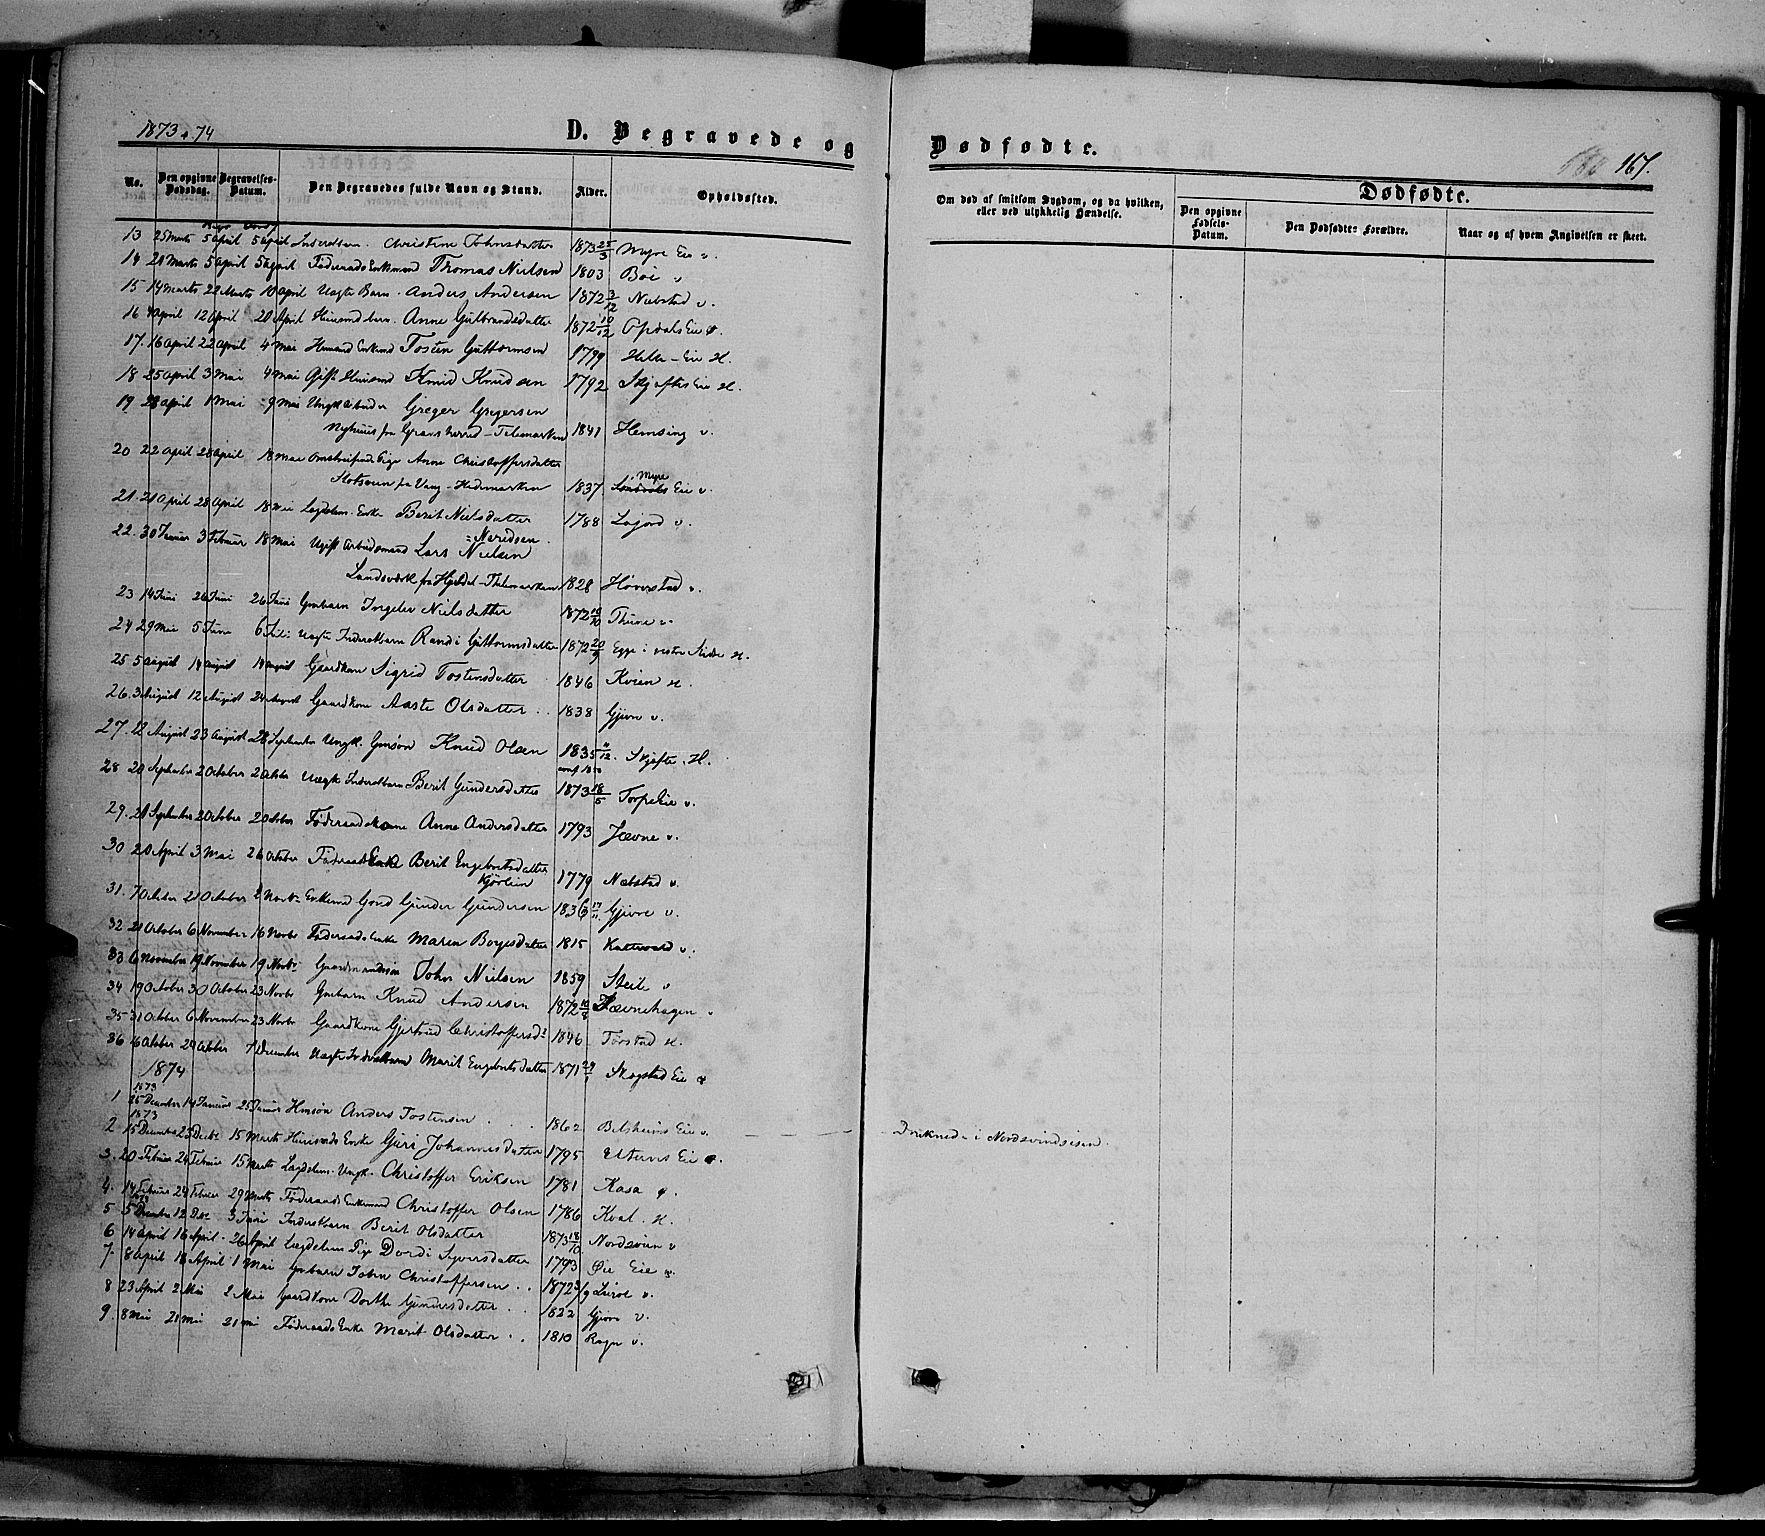 SAH, Vang prestekontor, Valdres, Ministerialbok nr. 7, 1865-1881, s. 167